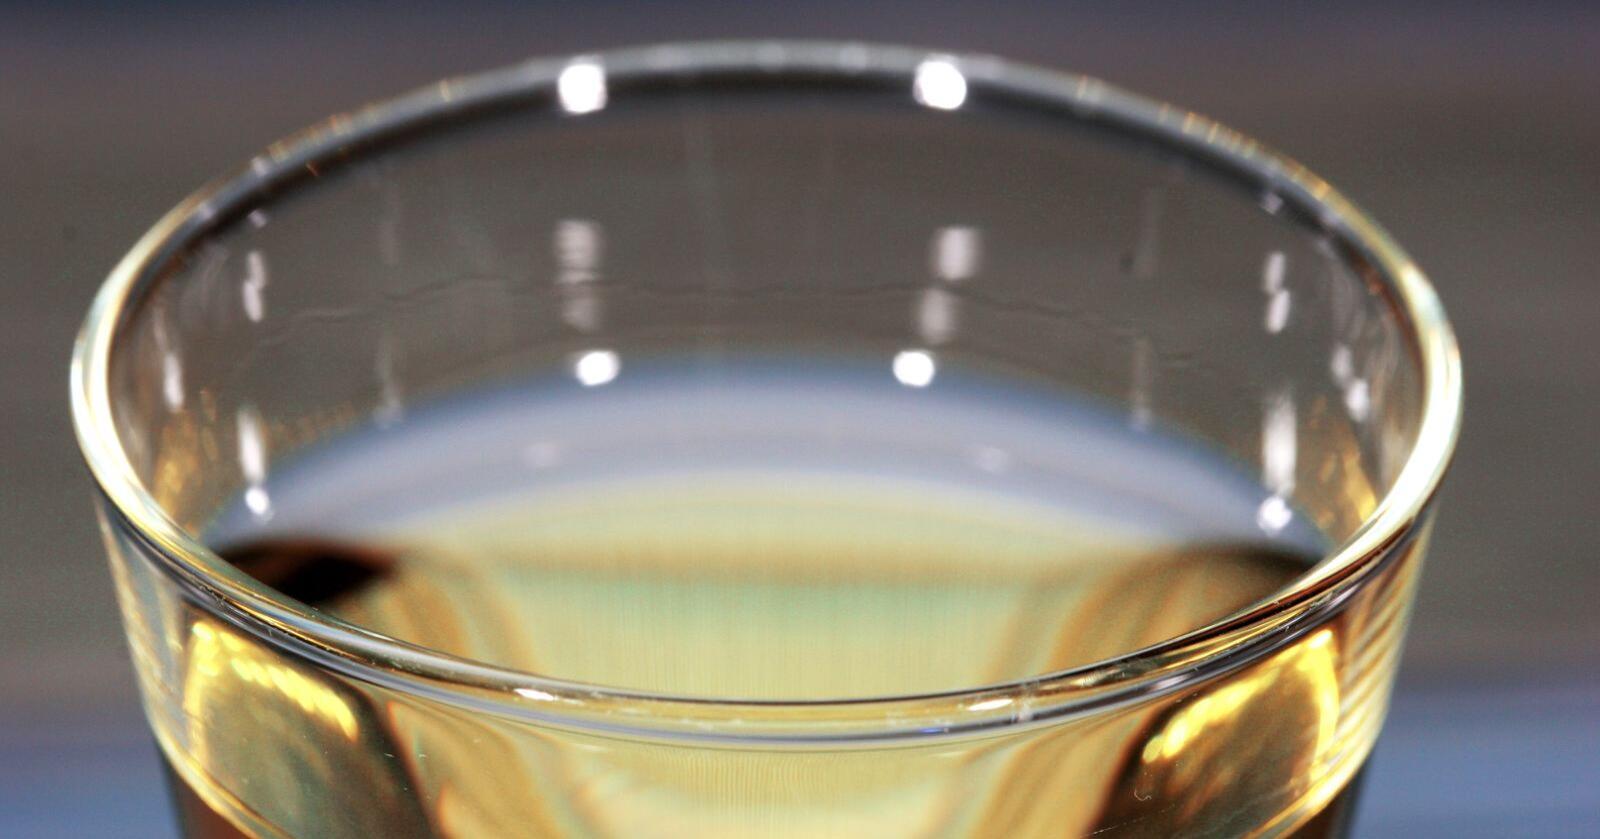 Norsk akevitt og norsk vodka blir de henholdsvis fjerde og femte spritvariantene som oppnår EUs merkevarebeskyttelse. Foto: Mostphotos